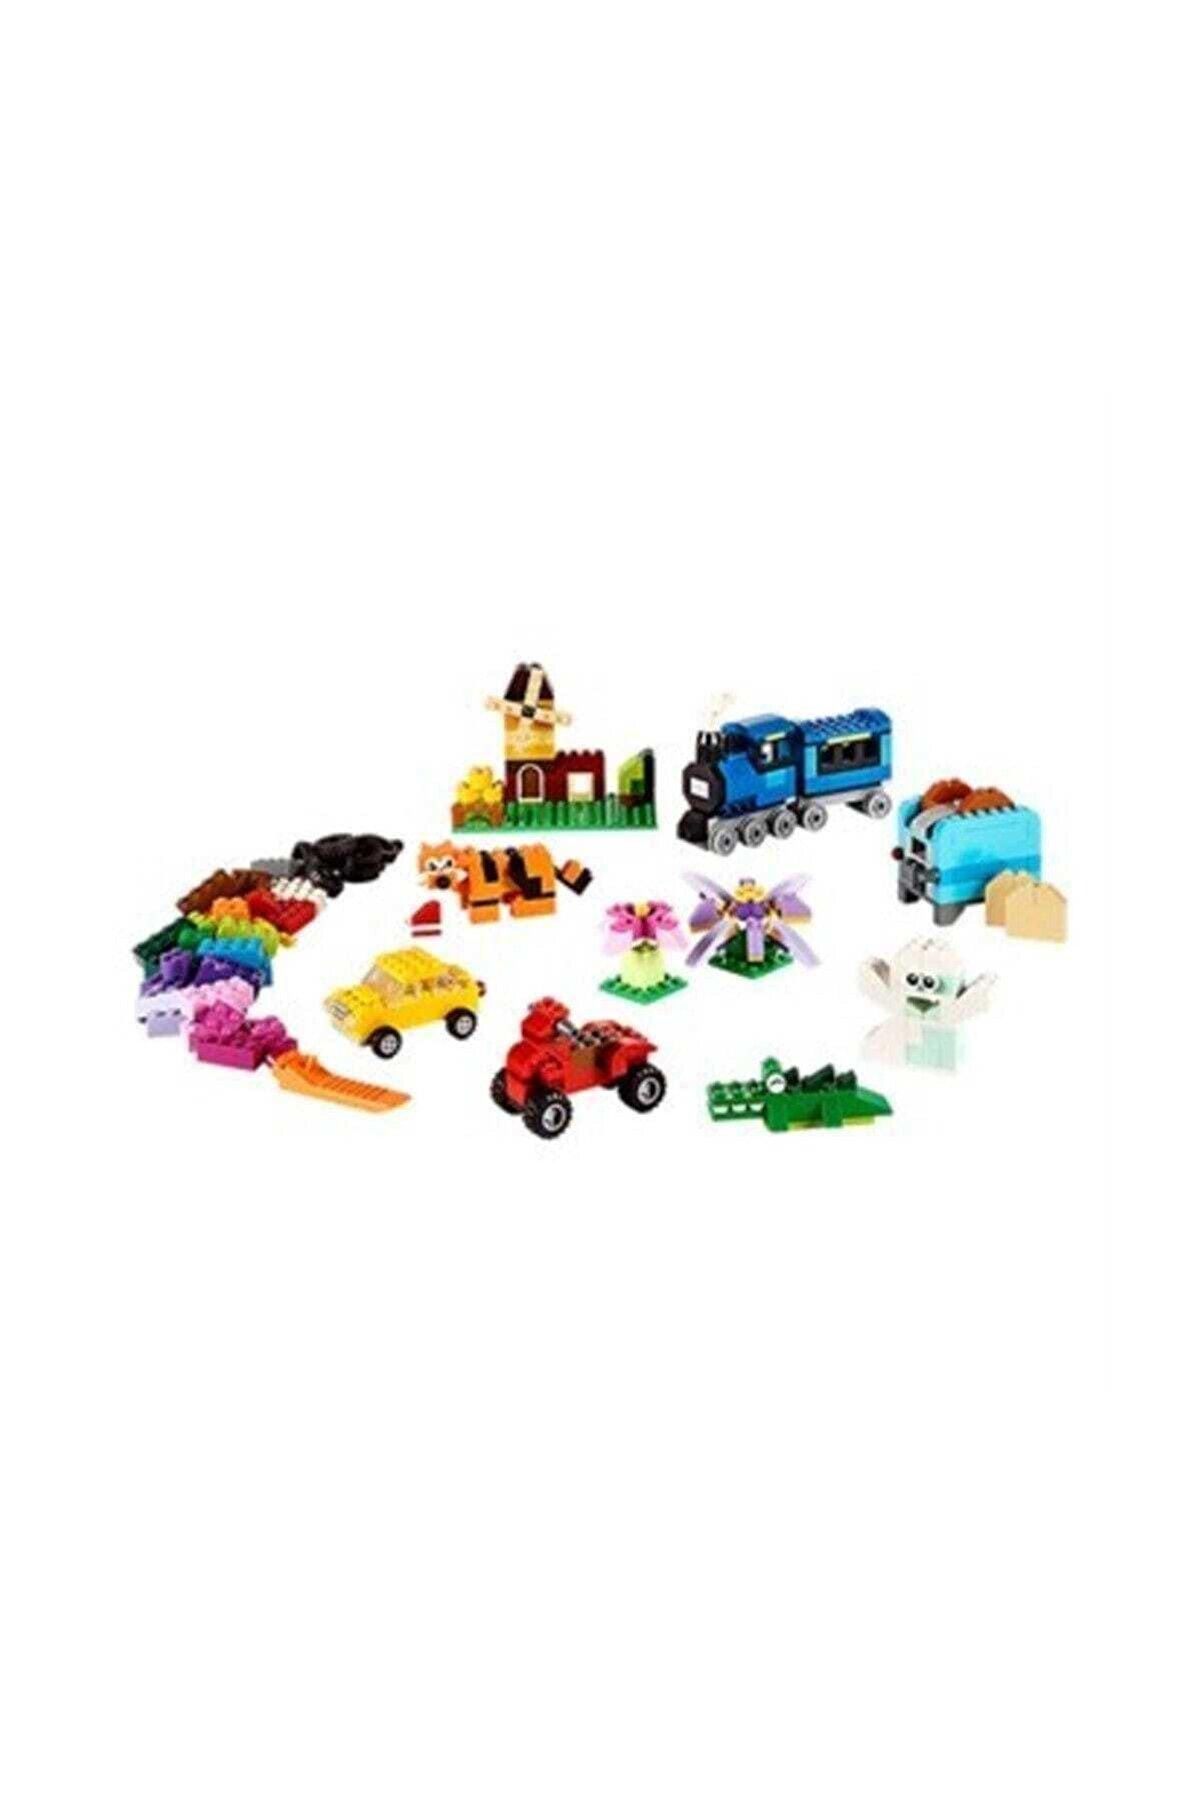 LEGO -10696 Classic Orta Boy Yaratıcı Yapım Kutusu